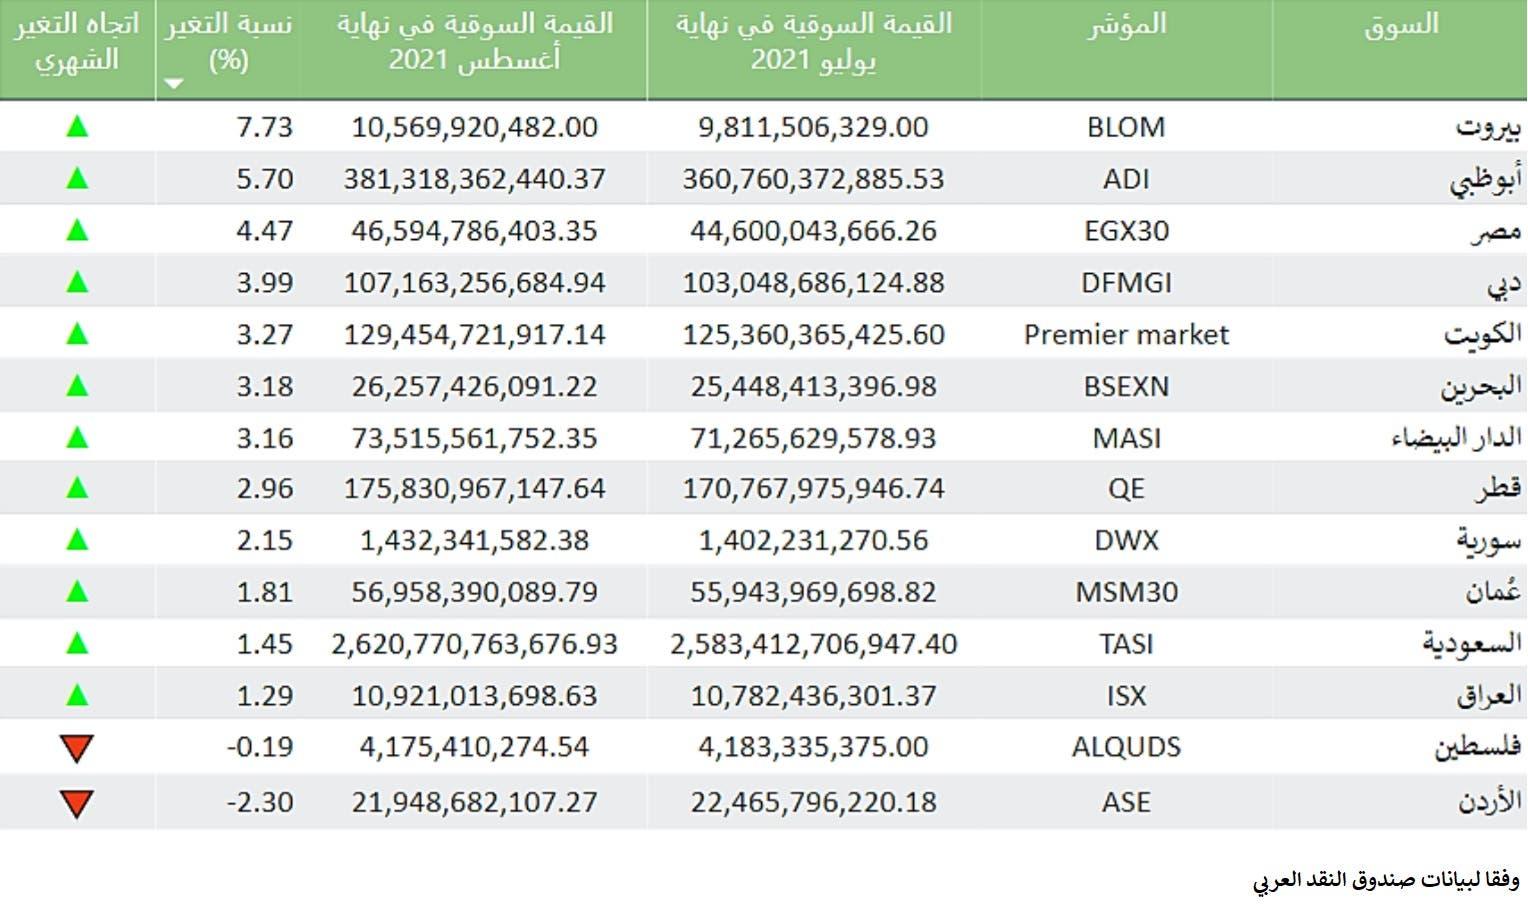 القيمة السوقية للبورصات العربية في أغسطس 2021